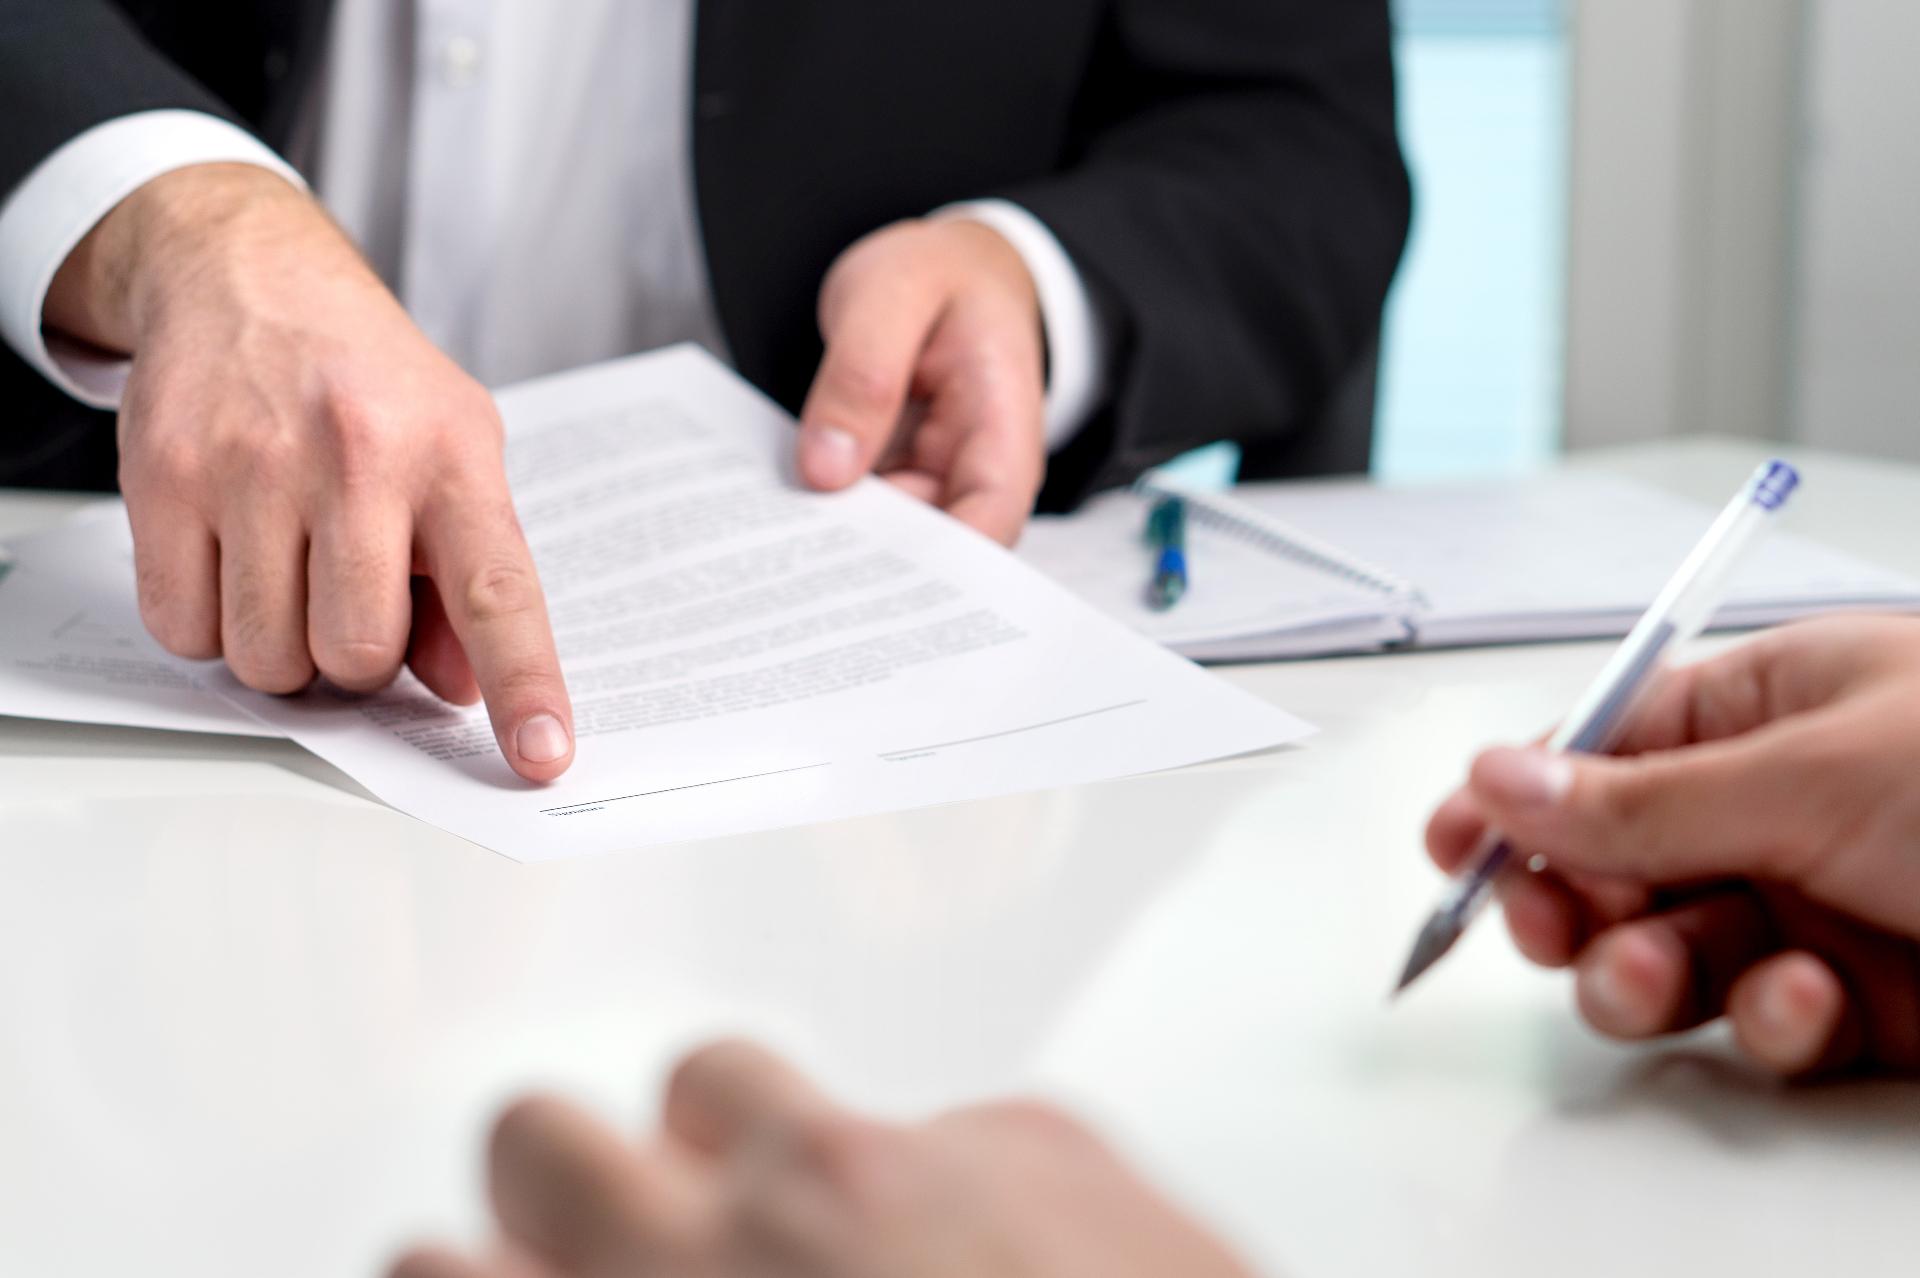 Существует несколько важных и обязательных условий в договоре найма